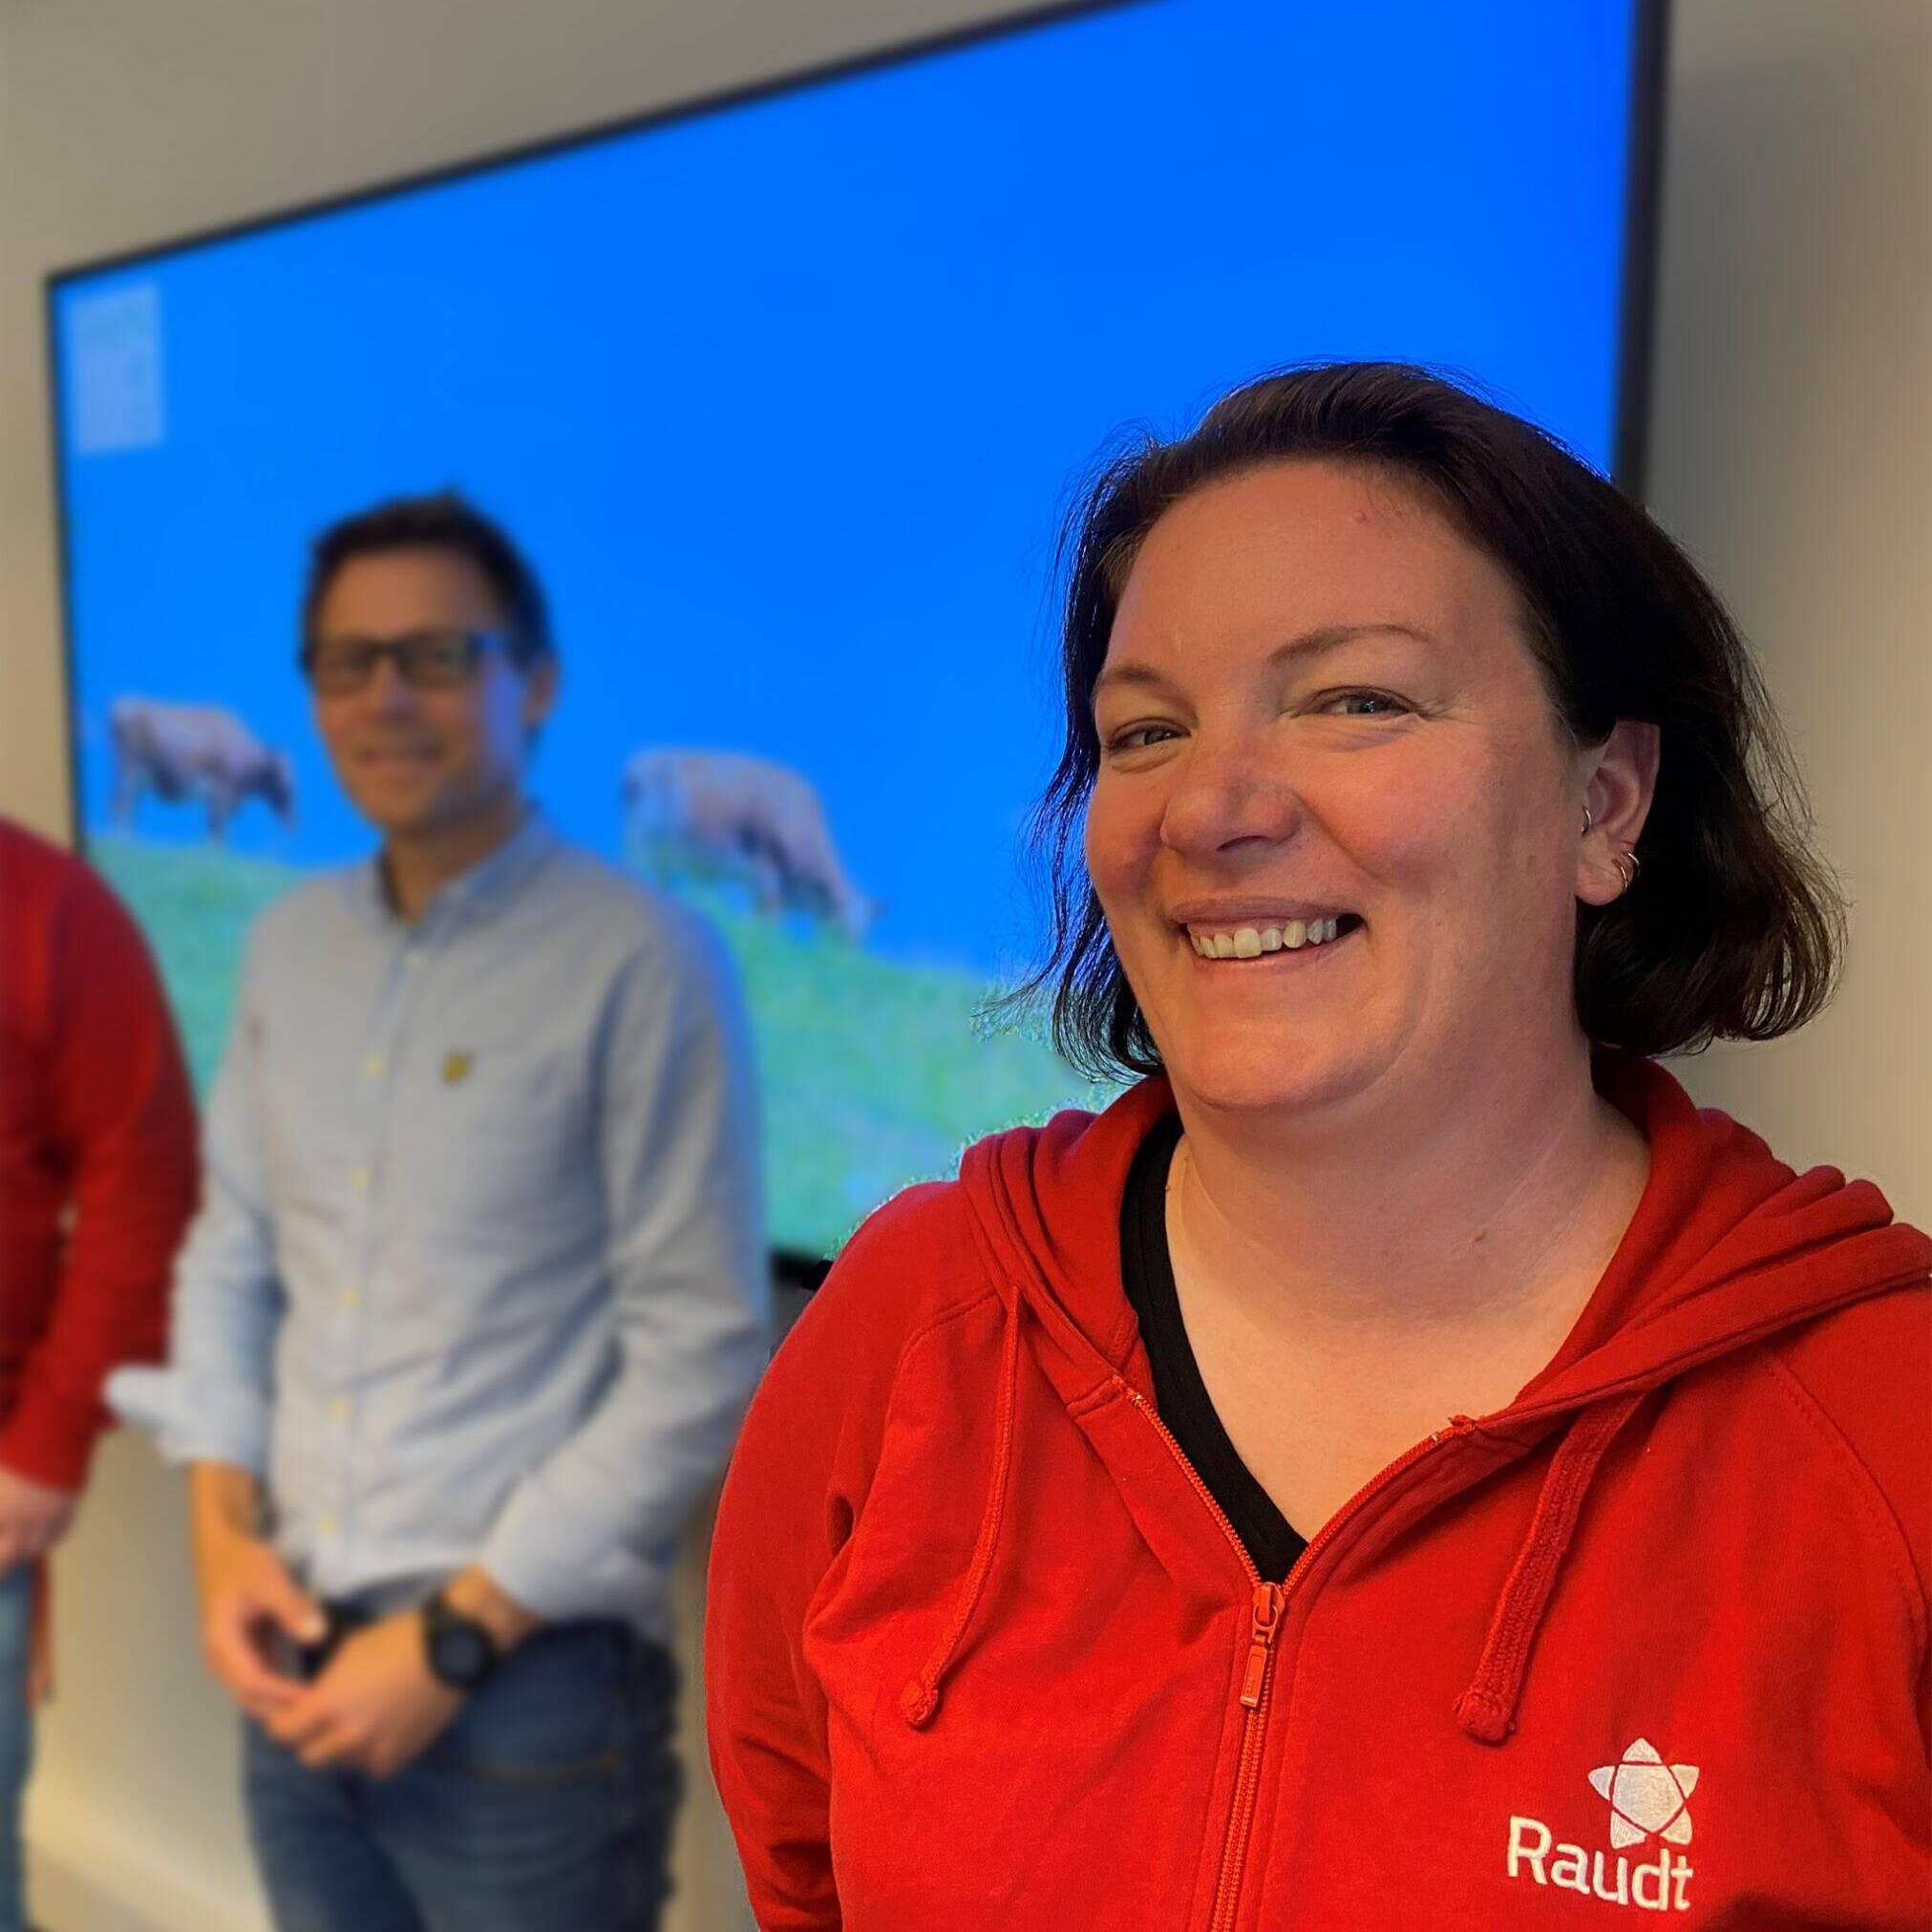 Fornybar: Hege Bae Nyholt, toppkandidat for Rødt i Sør-Trøndelag, er opptatt av at energien som brukes er fornybar.